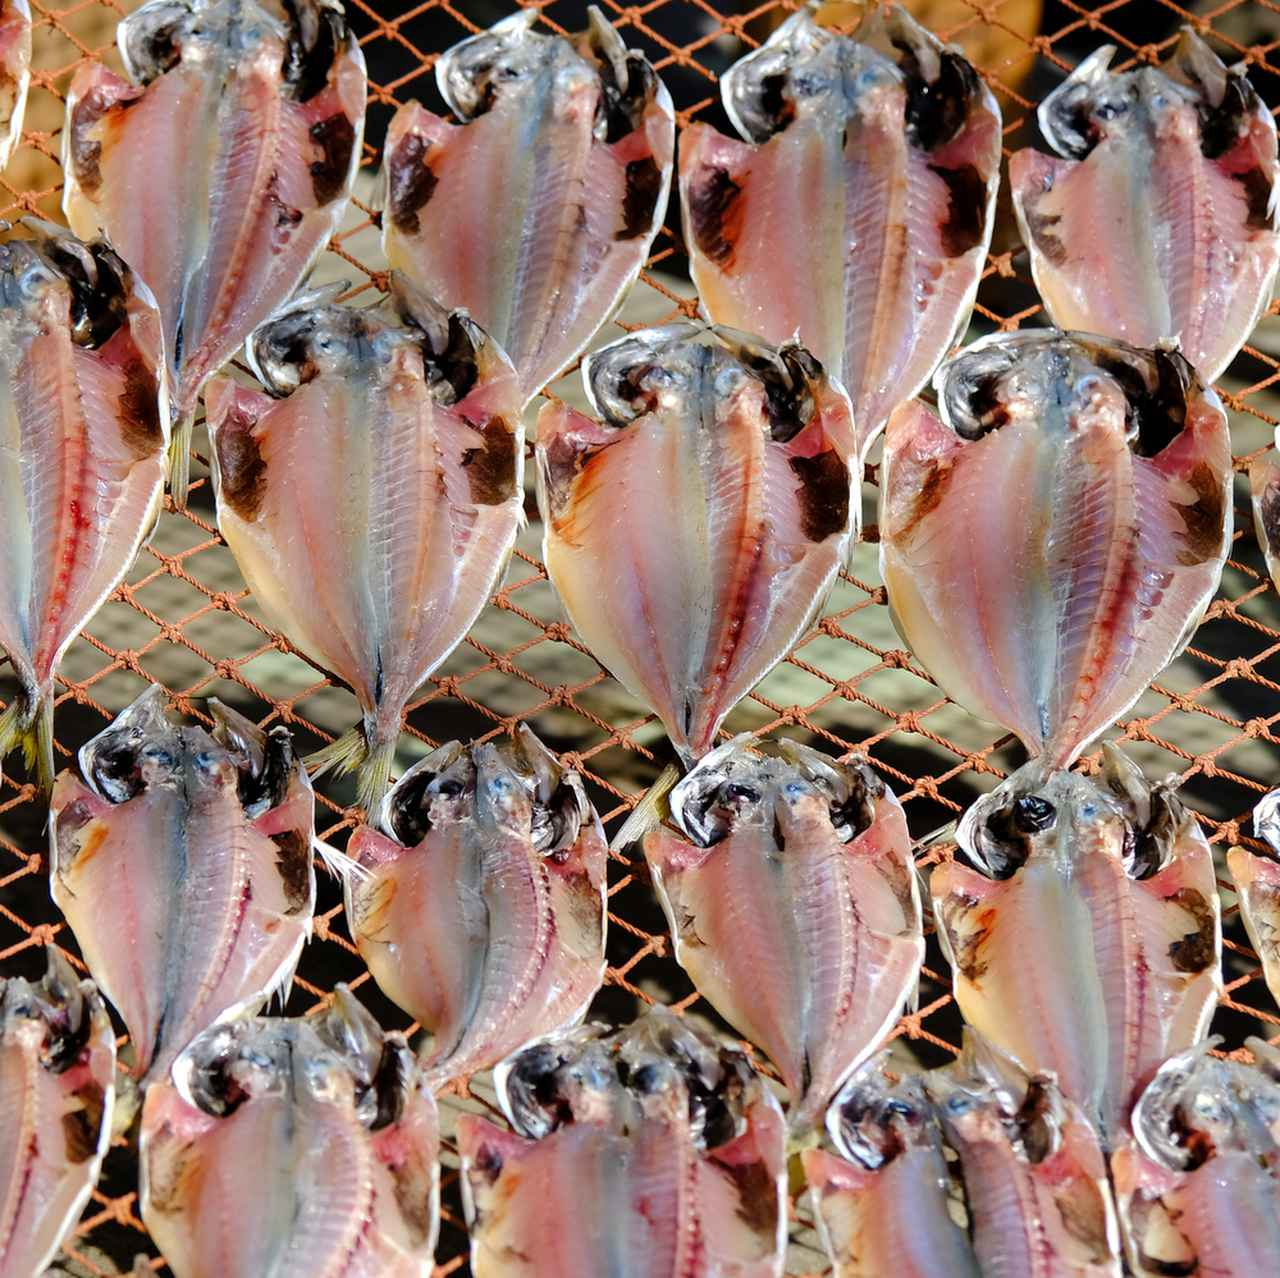 画像: 港周辺の商店街にはたくさんの魚屋さんがありマグロを中心として、三崎で水揚げされた魚を扱っています。軽めに干した鯵はジューシーで焼いてもふっくら。